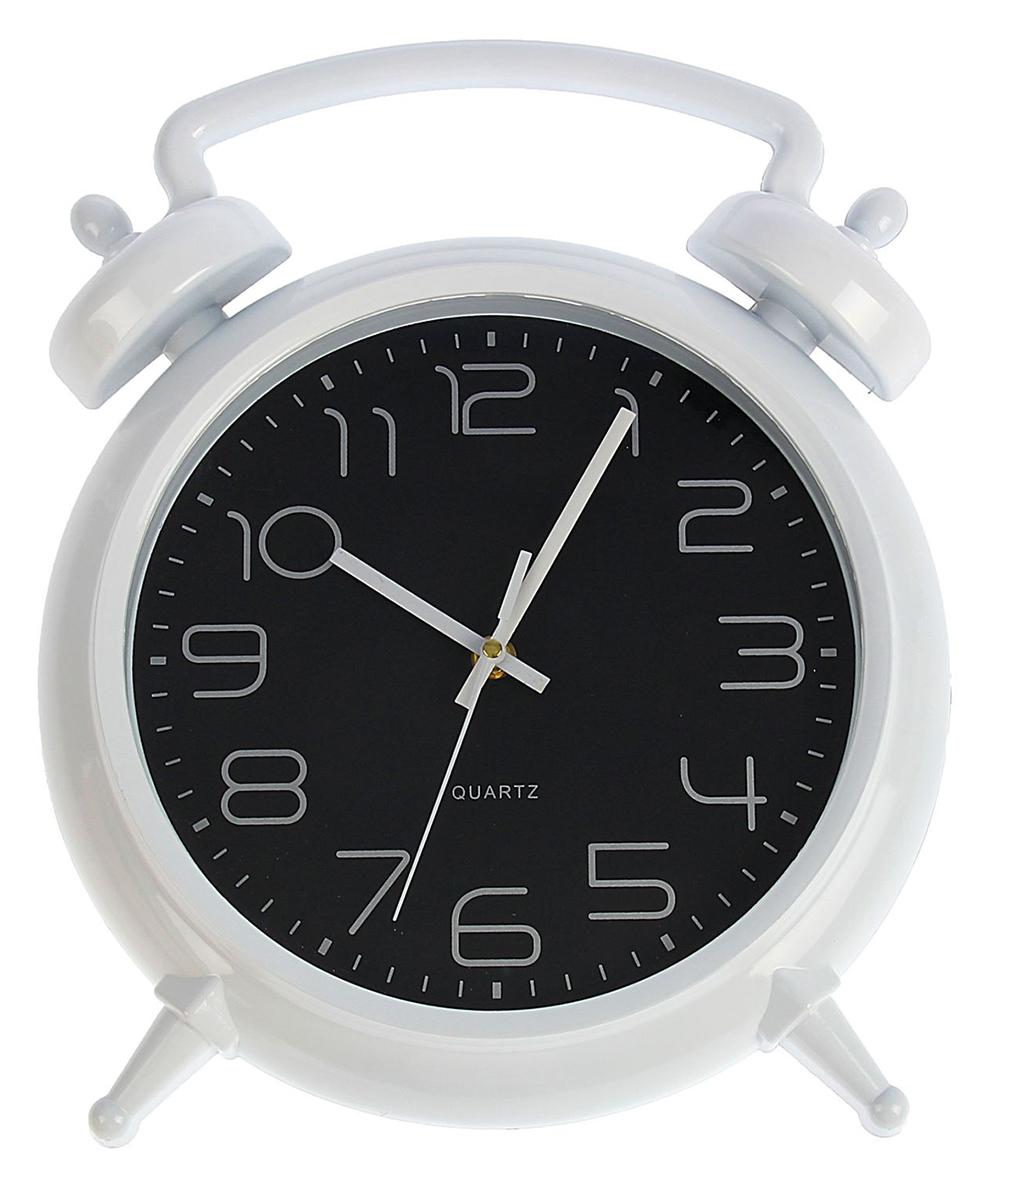 Часы настенные Классика в черном, 31 х 28 см1390999Каждому хозяину периодически приходит мысль обновить свою квартиру, сделать ремонт, перестановку или кардинально поменять внешний вид каждой комнаты. Часы настенные интерьерные Классика в черном, белый обод — привлекательная деталь, которая поможет воплотить вашу интерьерную идею, создать неповторимую атмосферу в вашем доме. Окружите себя приятными мелочами, пусть они радуют глаз и дарят гармонию.Часы настенные Классика в черном, белый обод, 31х28х4 см 1390999